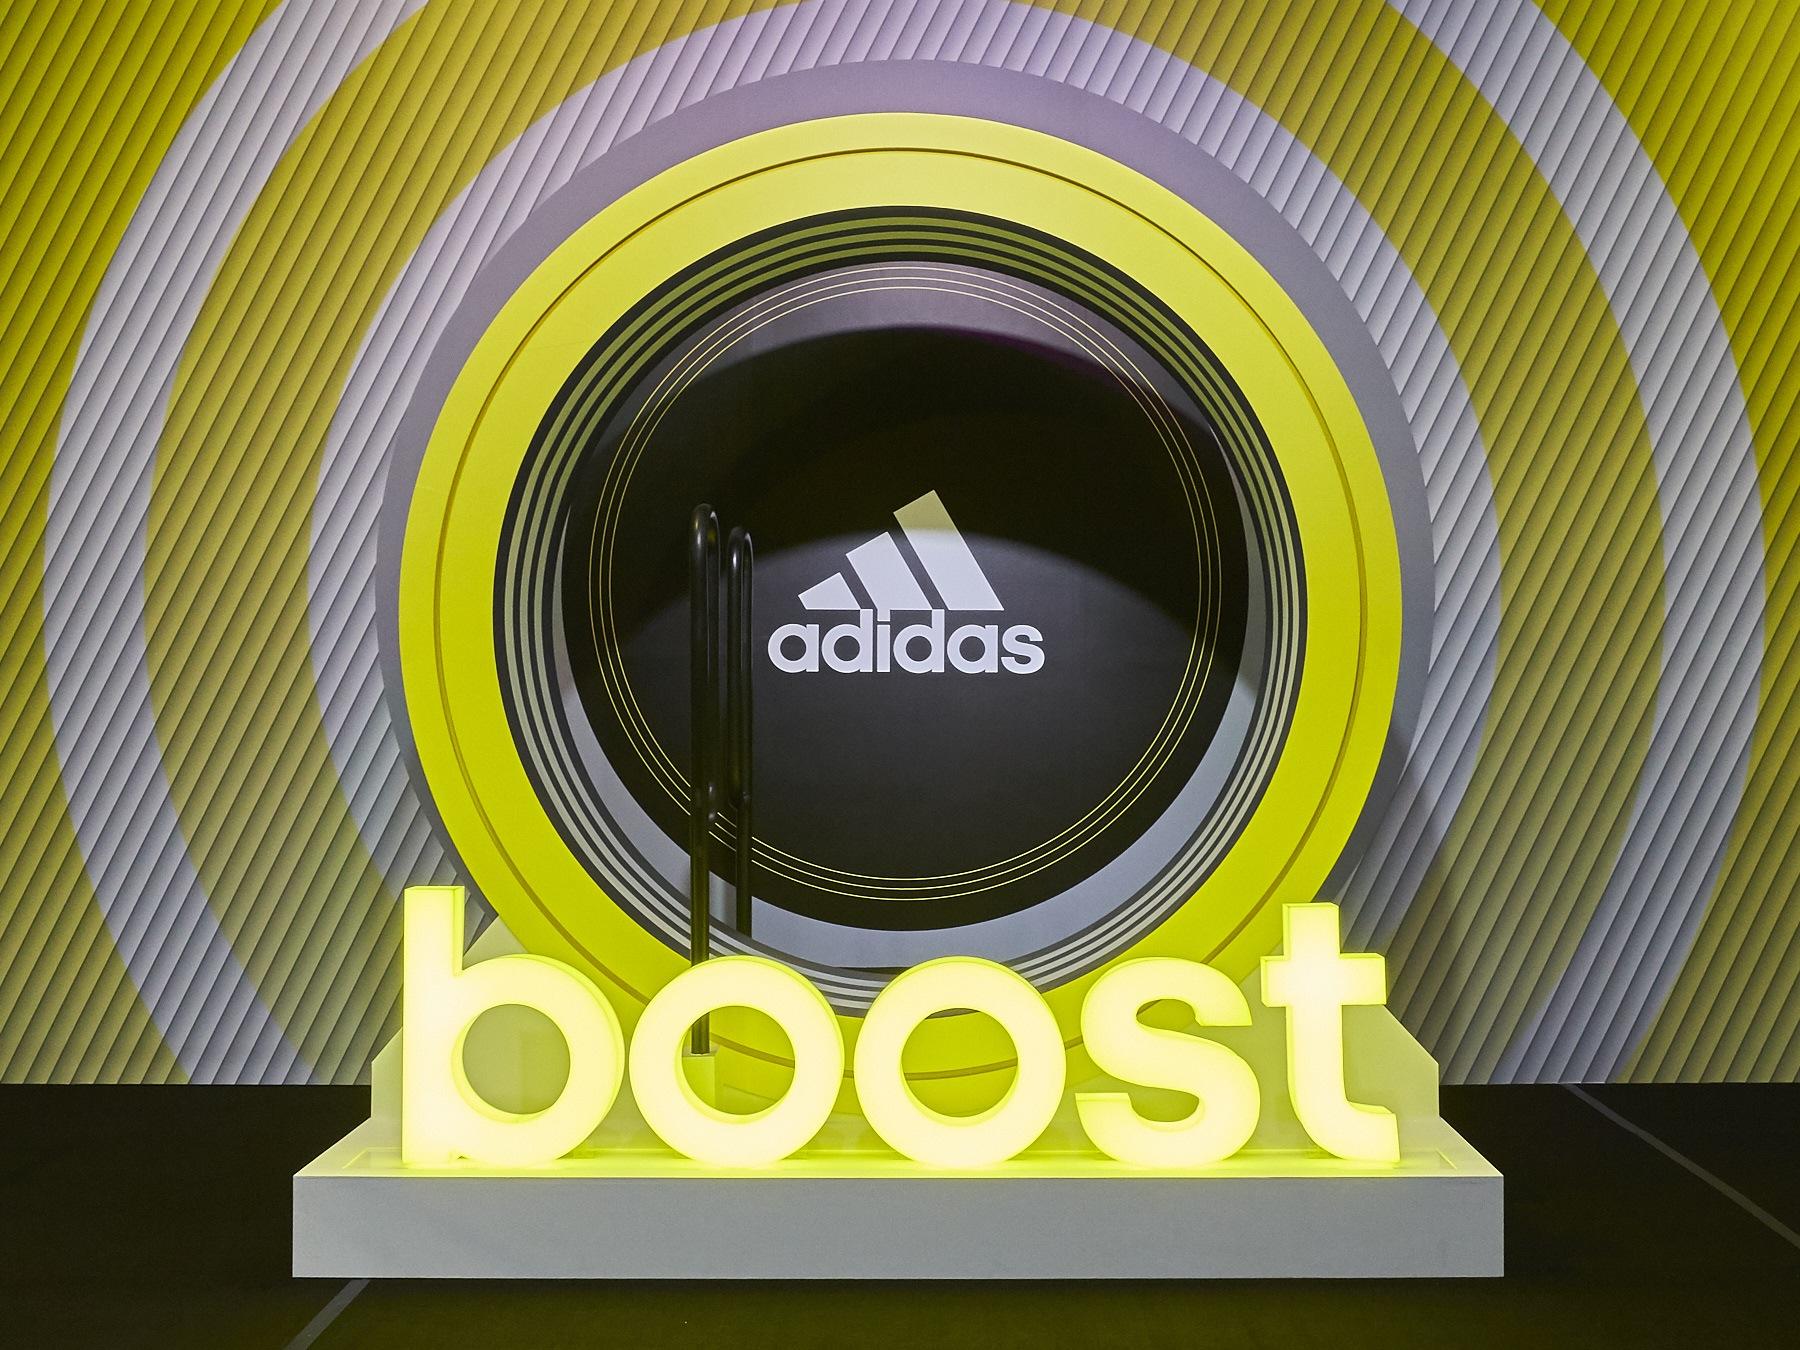 圖六:Energy Boost動能挑戰:藉由跑步帶動Boost能量輪,累積能量讓Boost燈箱全亮,超越自我!(adidas提供)